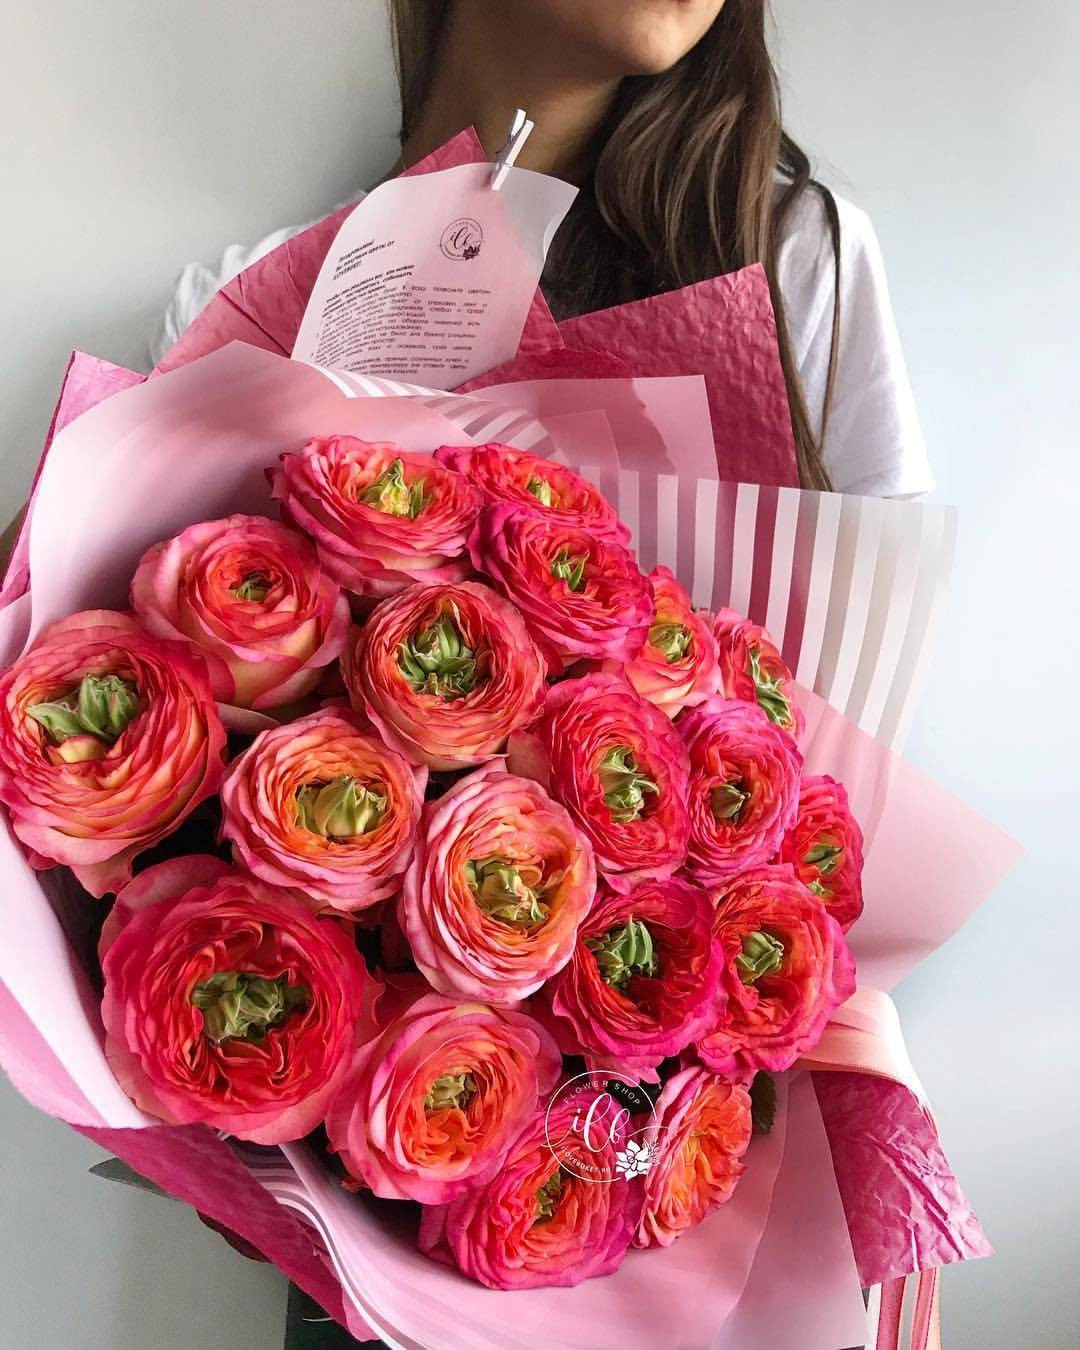 Самый дорогой цветок в мире - кадупул